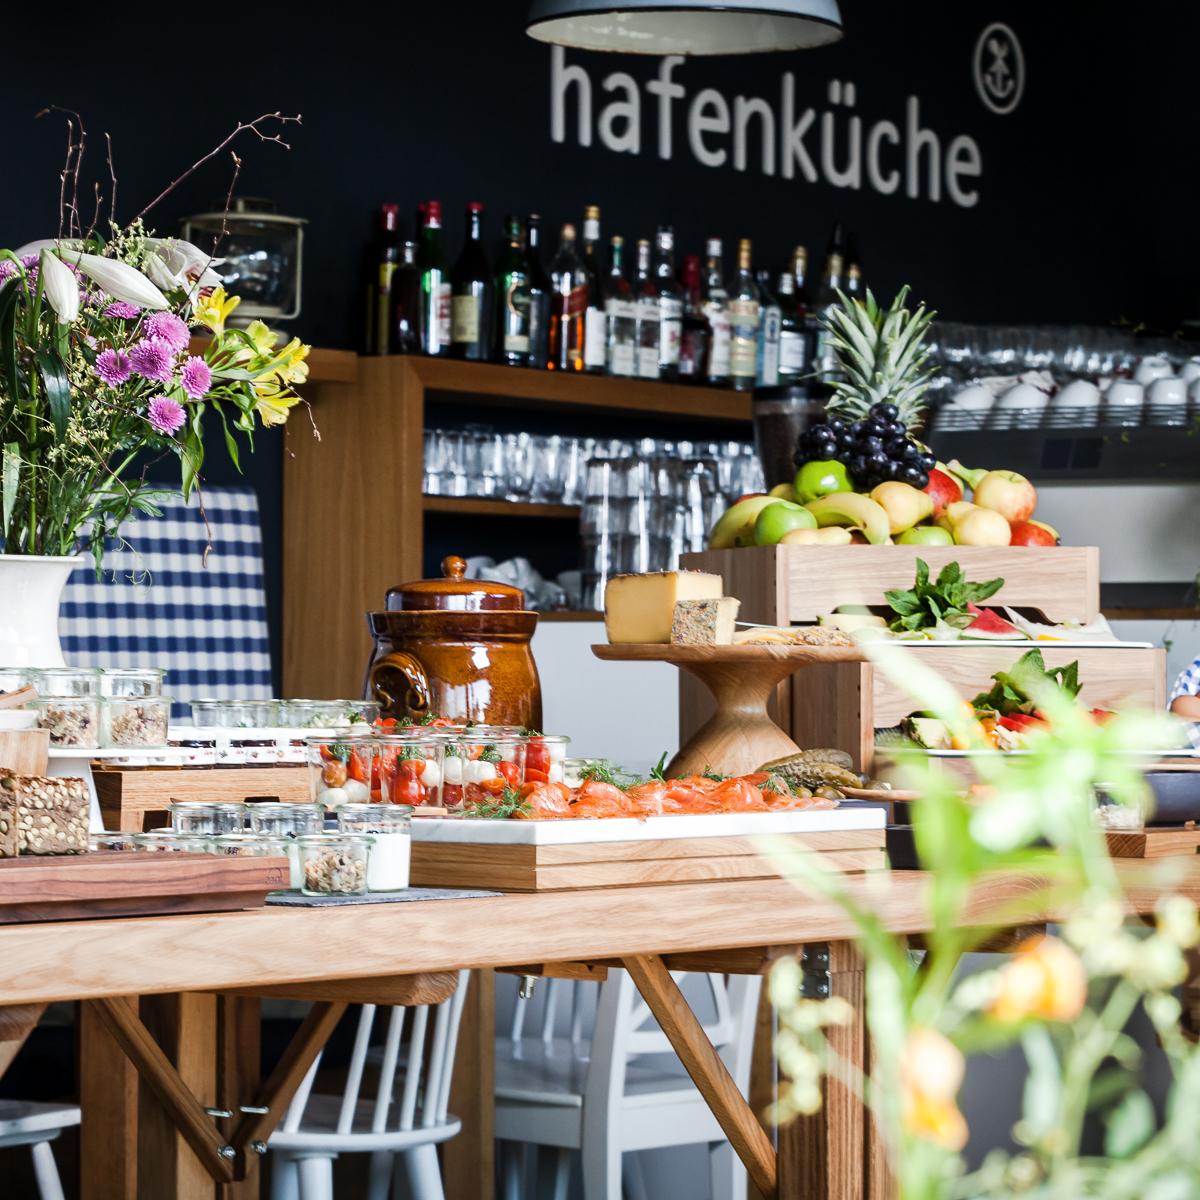 Frühstüscks Brunch in der Hafenküche Rummelsburger Bucht